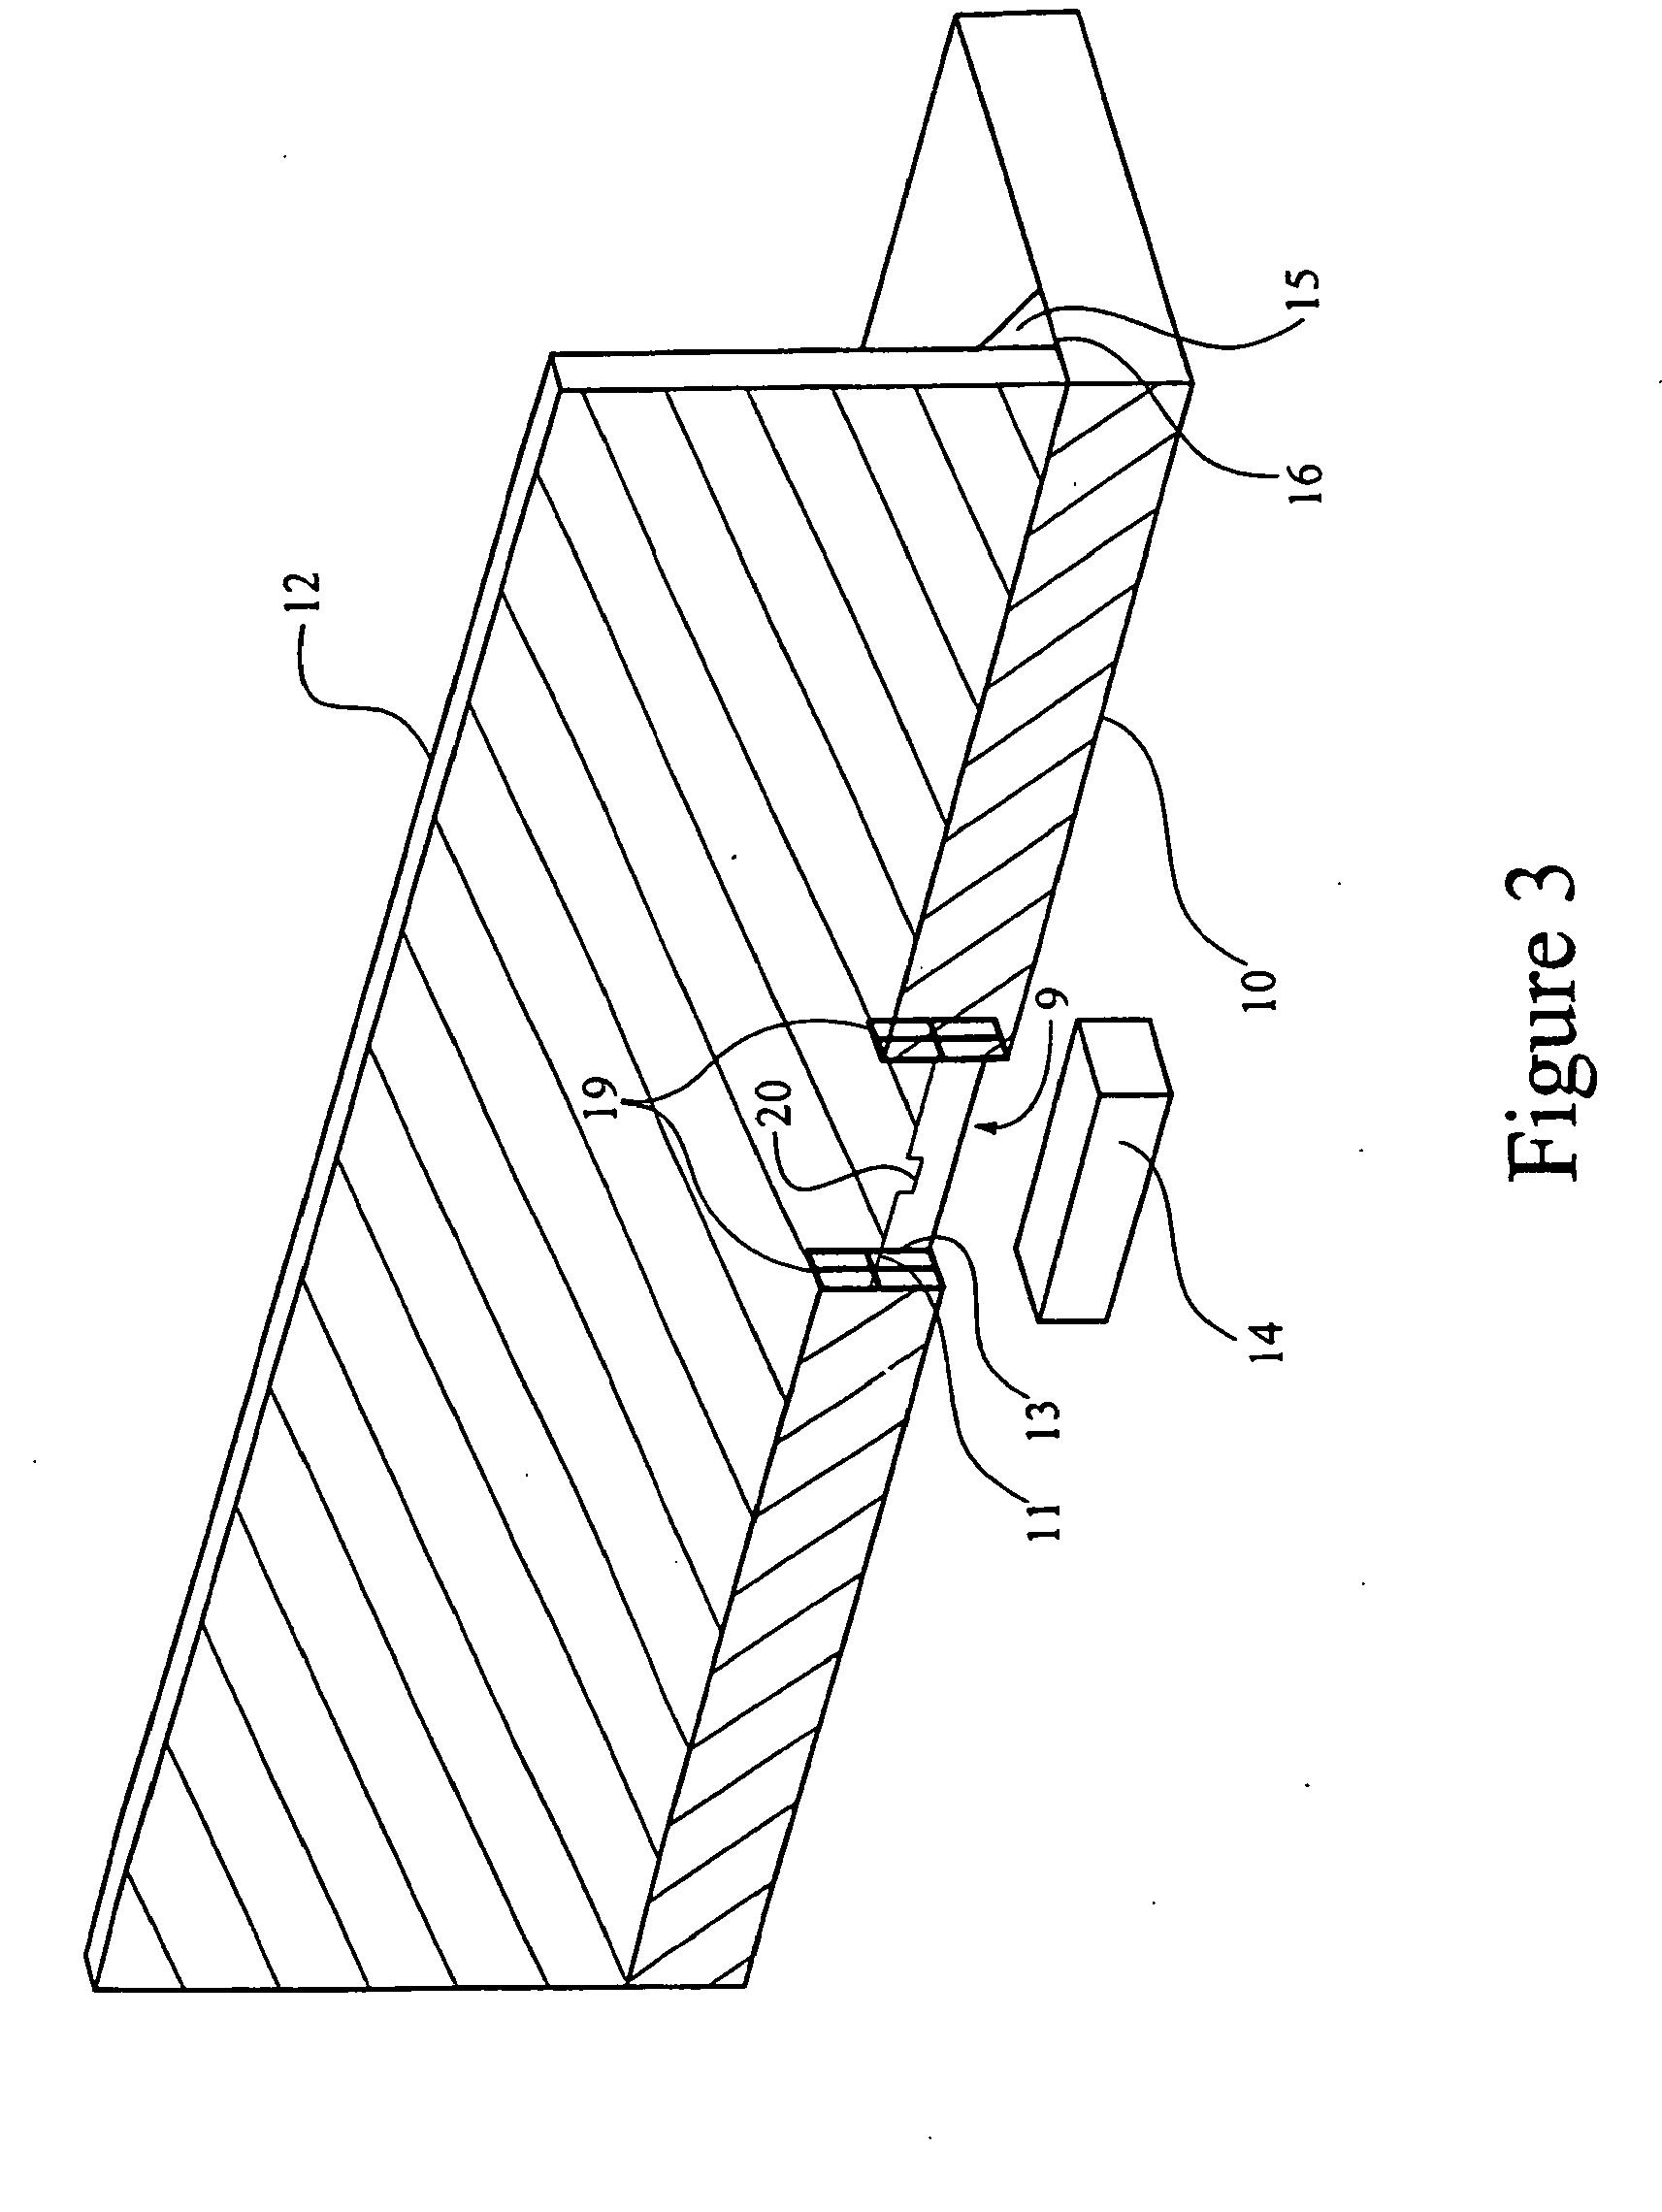 99 Suzuki Quadrunner Wiring Diagram Suzuki Z400 Wiring